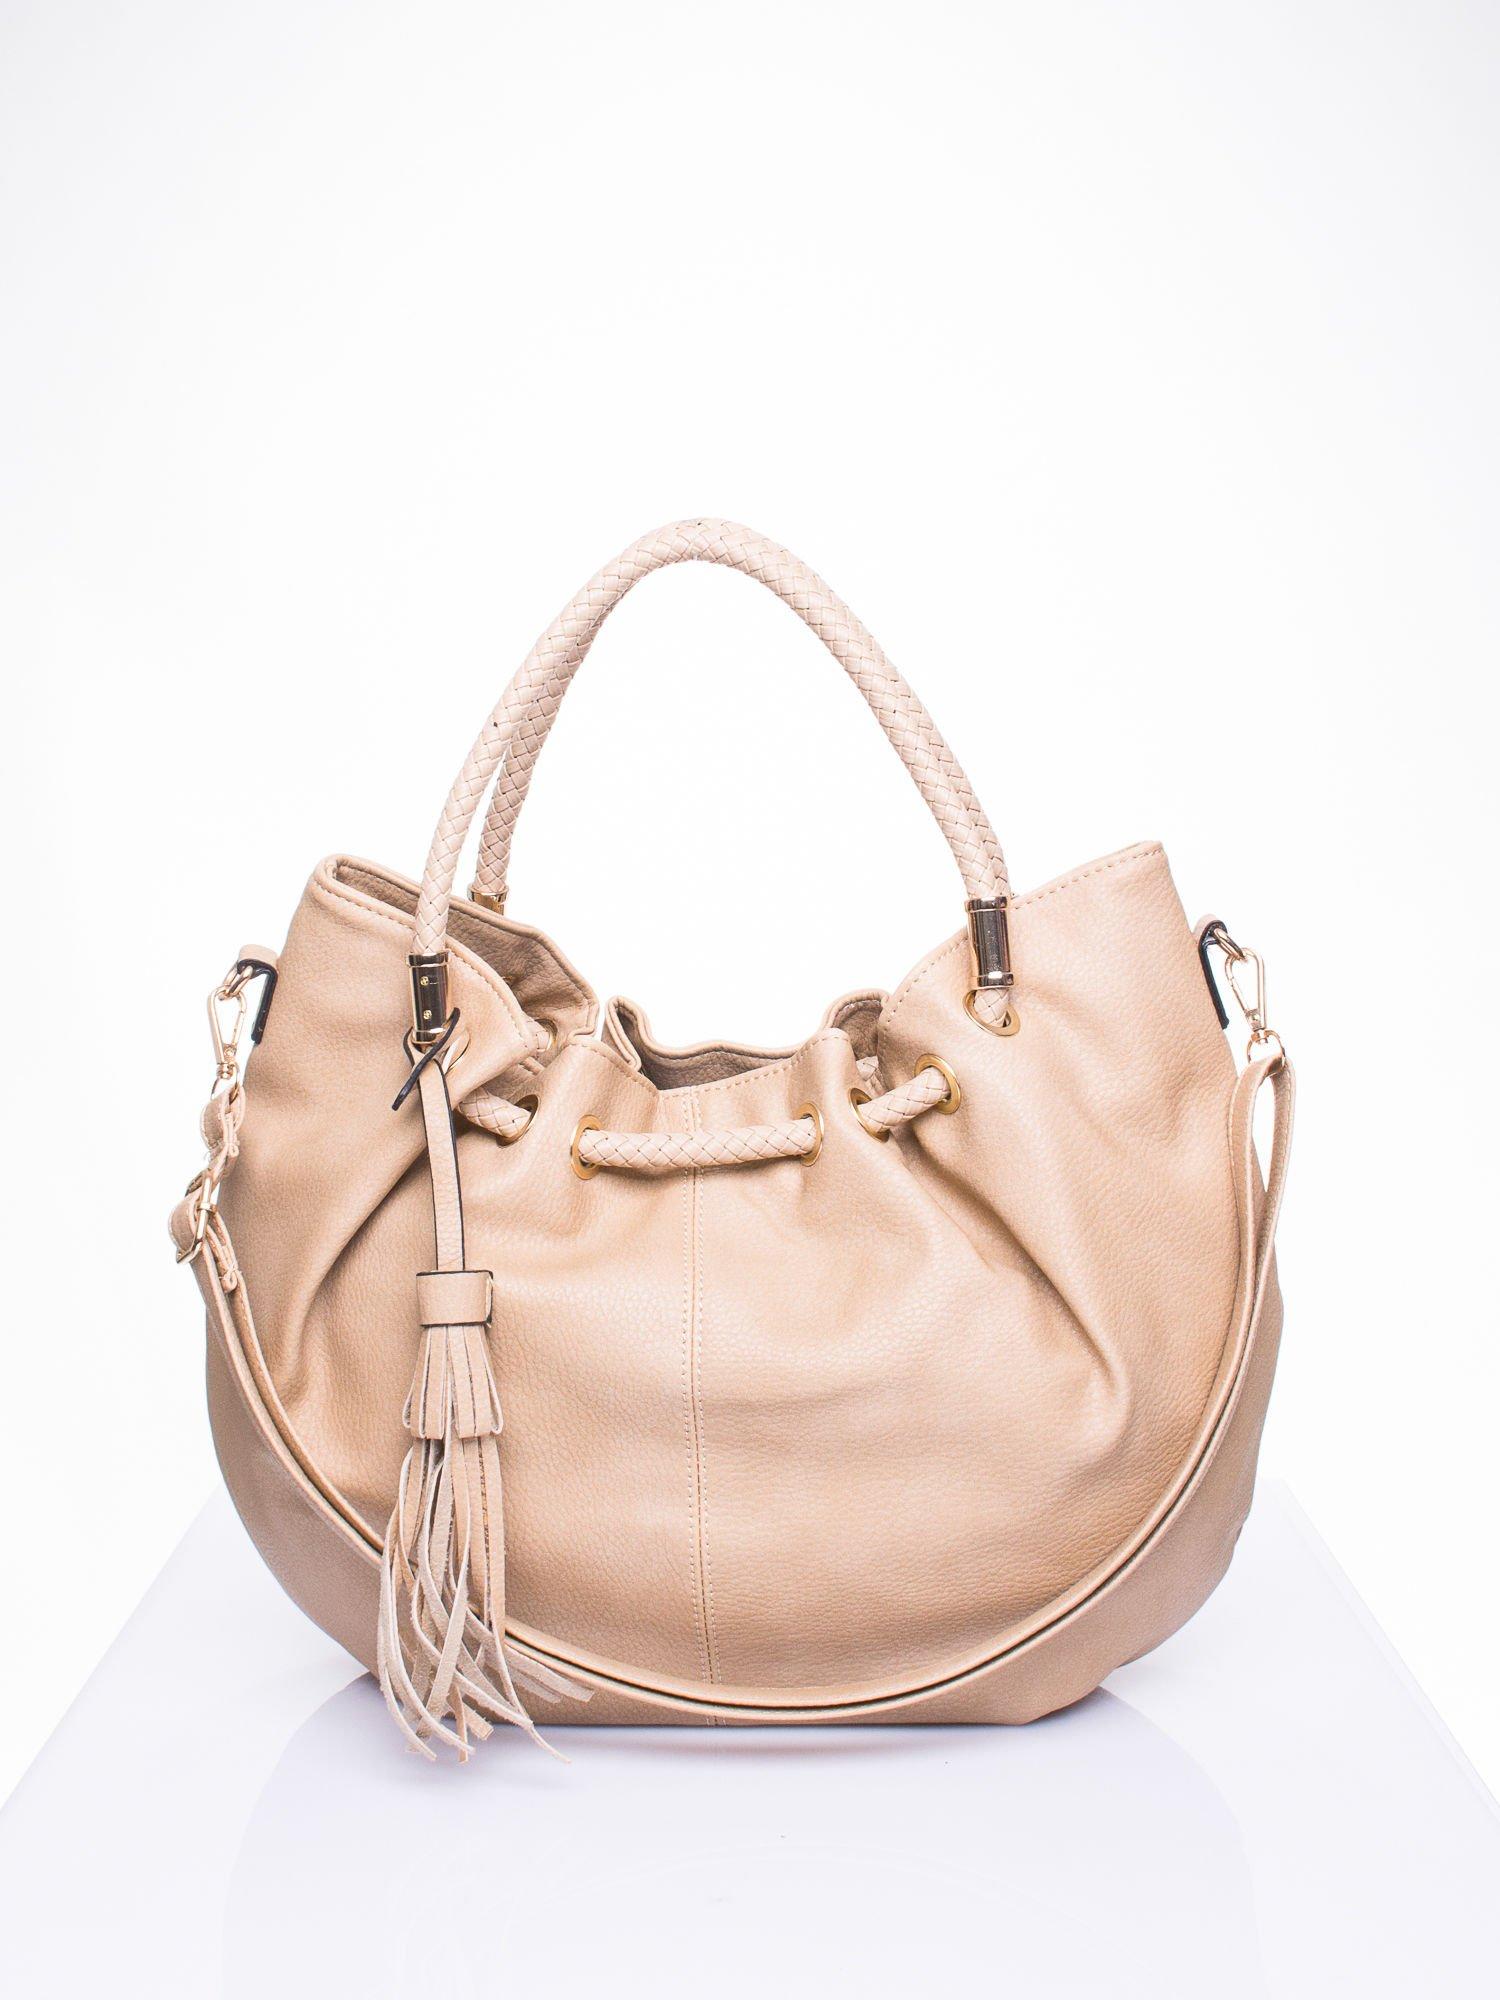 Khaki torebka z plecionymi uchwytami i frędzlami                                  zdj.                                  1